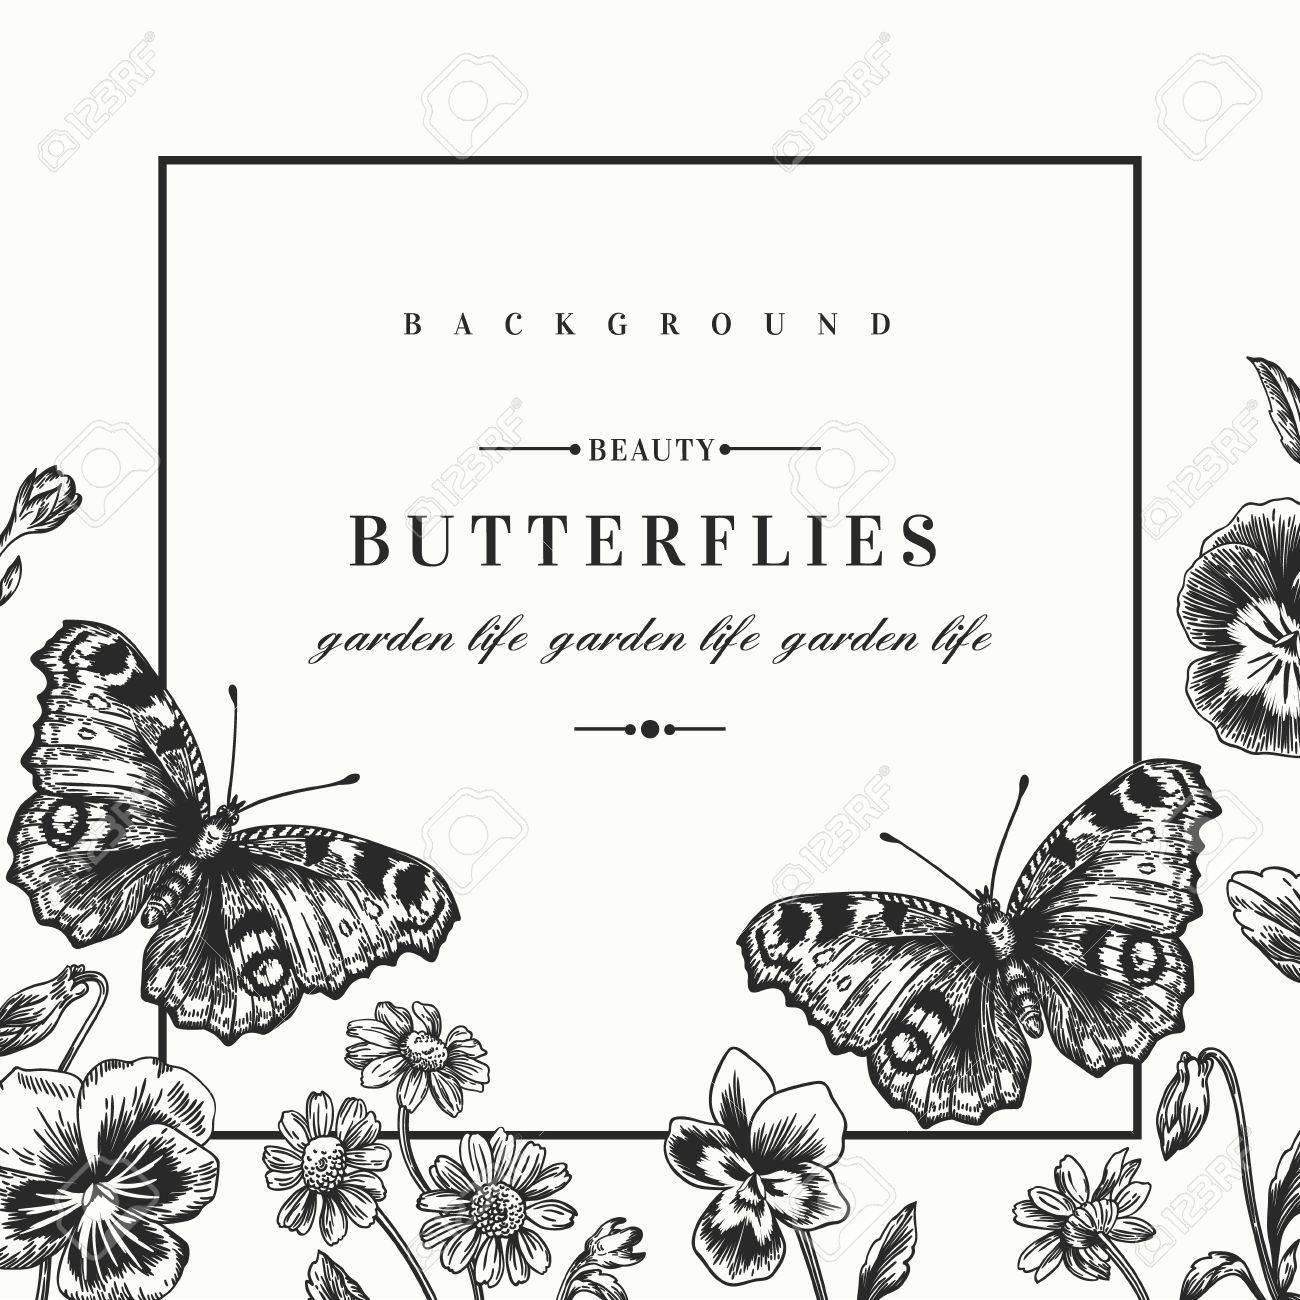 Schön Schmetterling Rahmen Bilder - Rahmen Ideen - markjohnsonshow.info